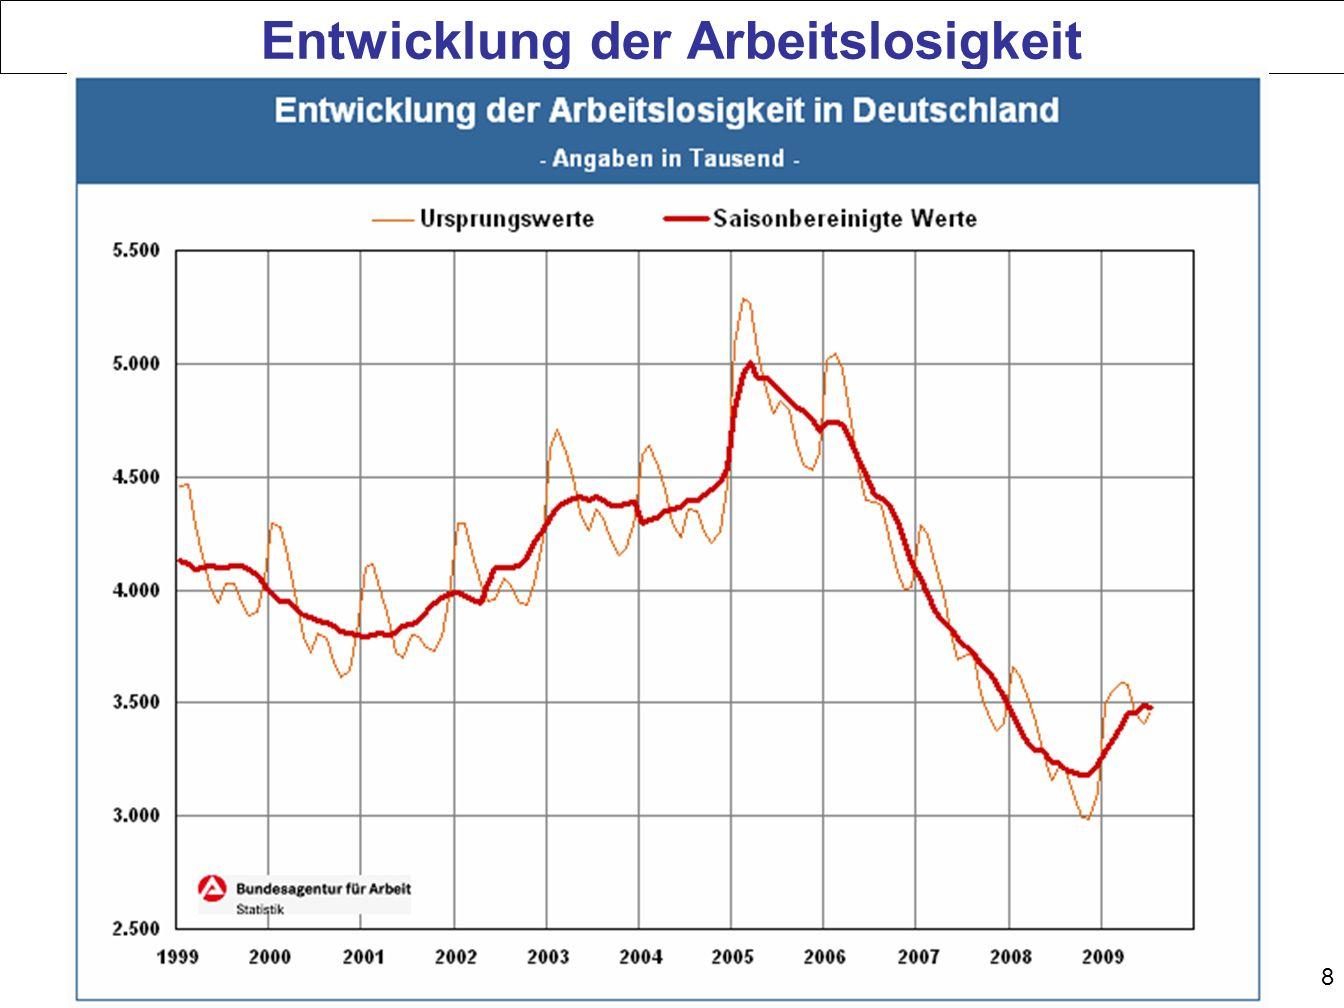 9 Verhältnis von Arbeitslosigkeit und Beschäftigung